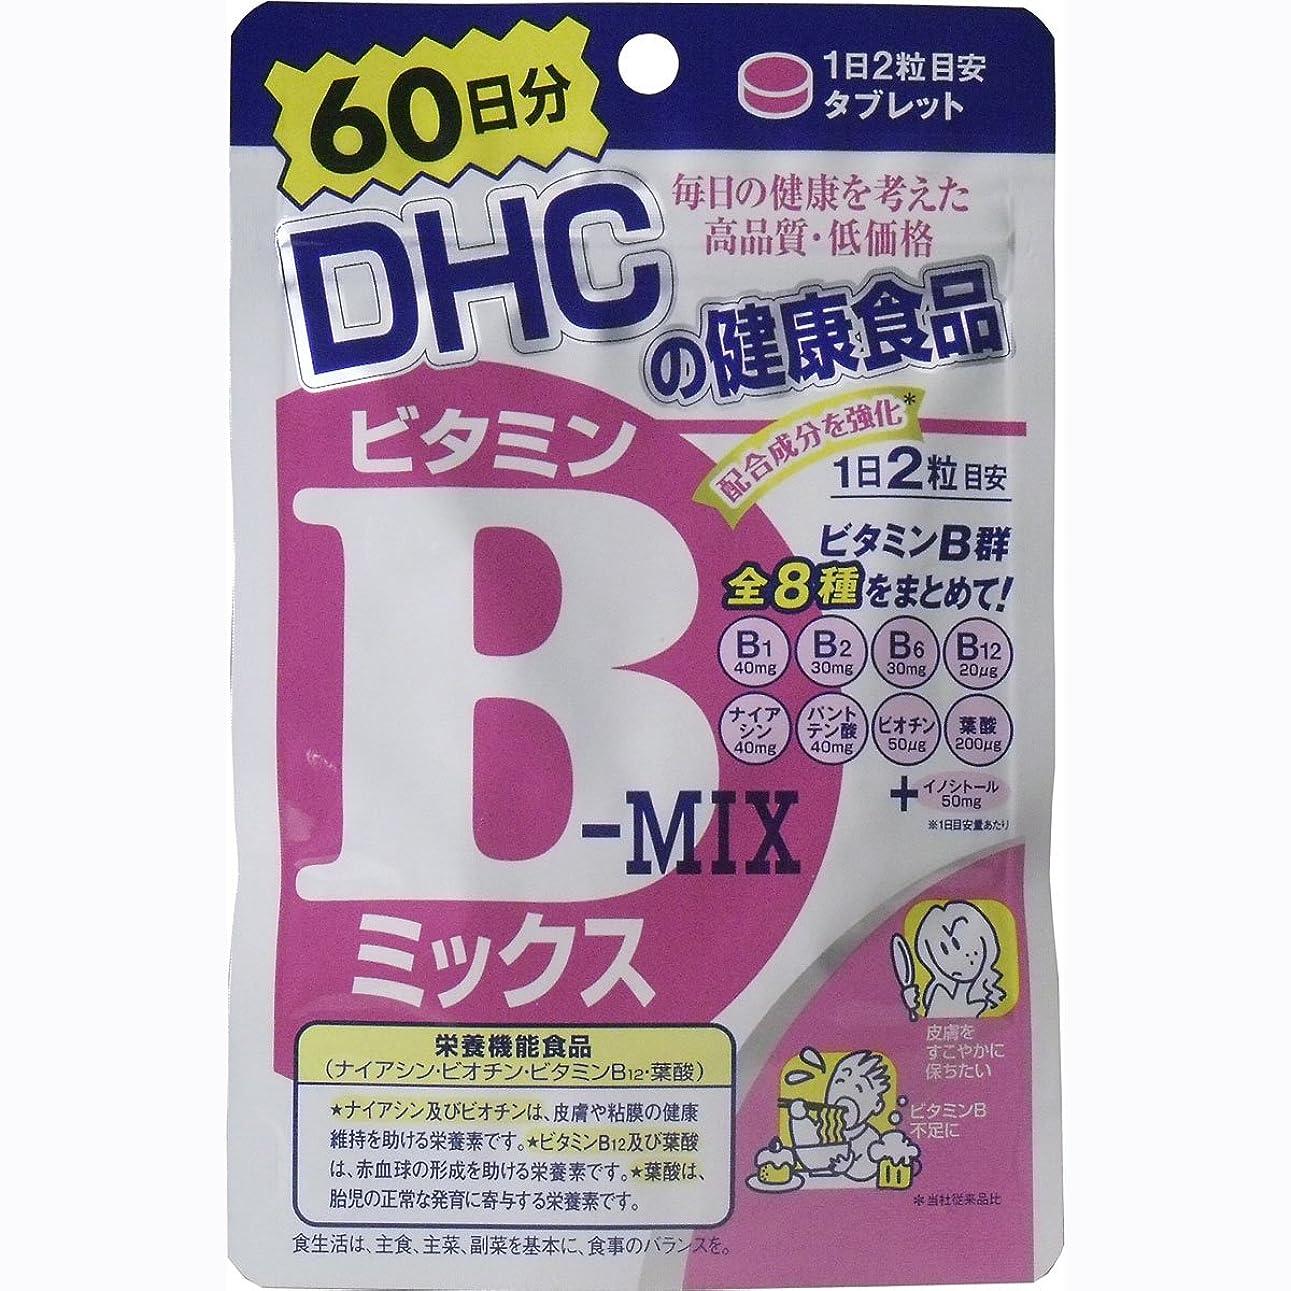 ふけるペニー浸透するDHC ビタミンBミックス 120粒 60日分「5点セット」